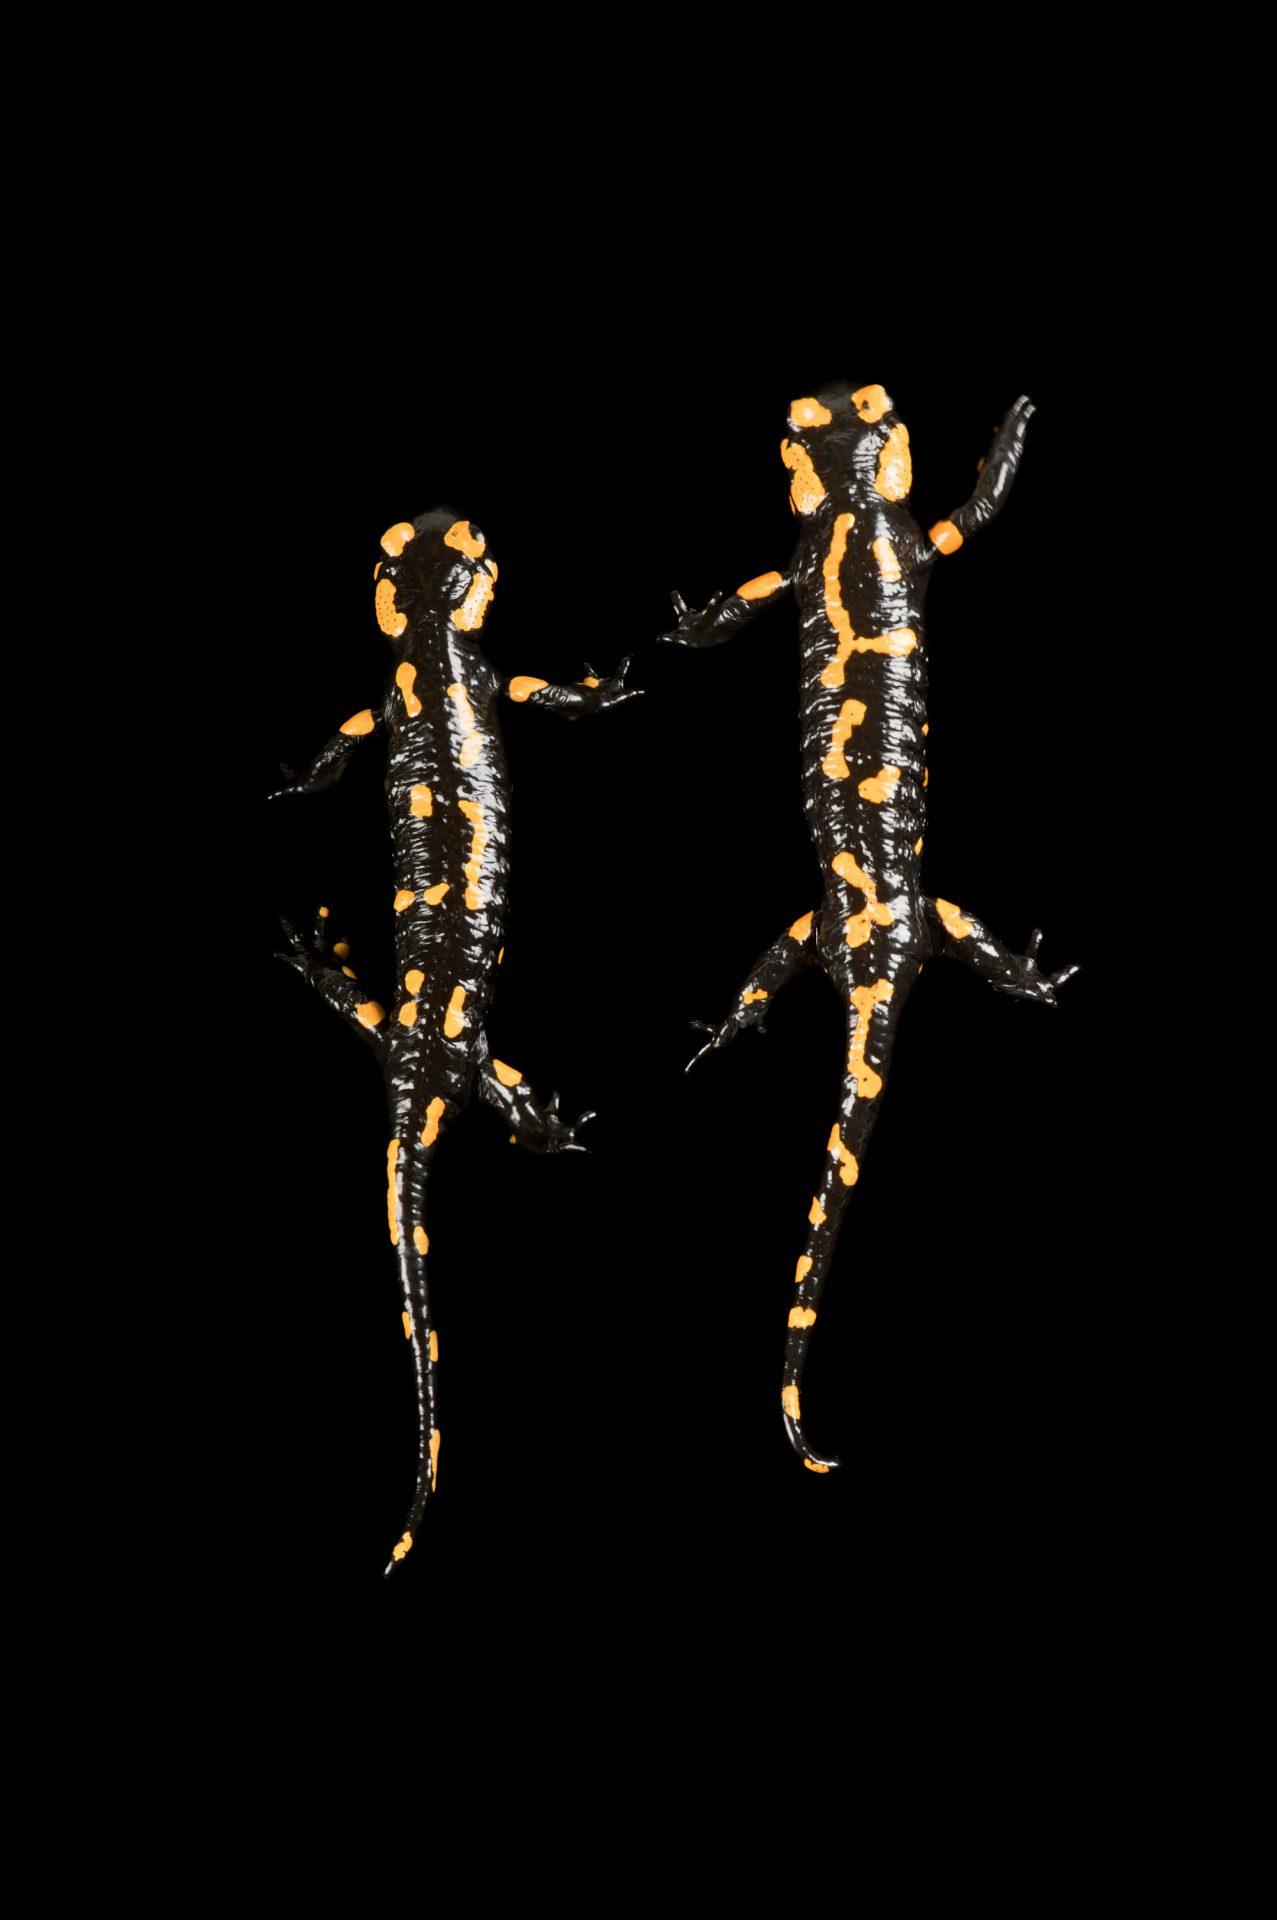 A European fire salamander, Salamandra salamandra salamandra.